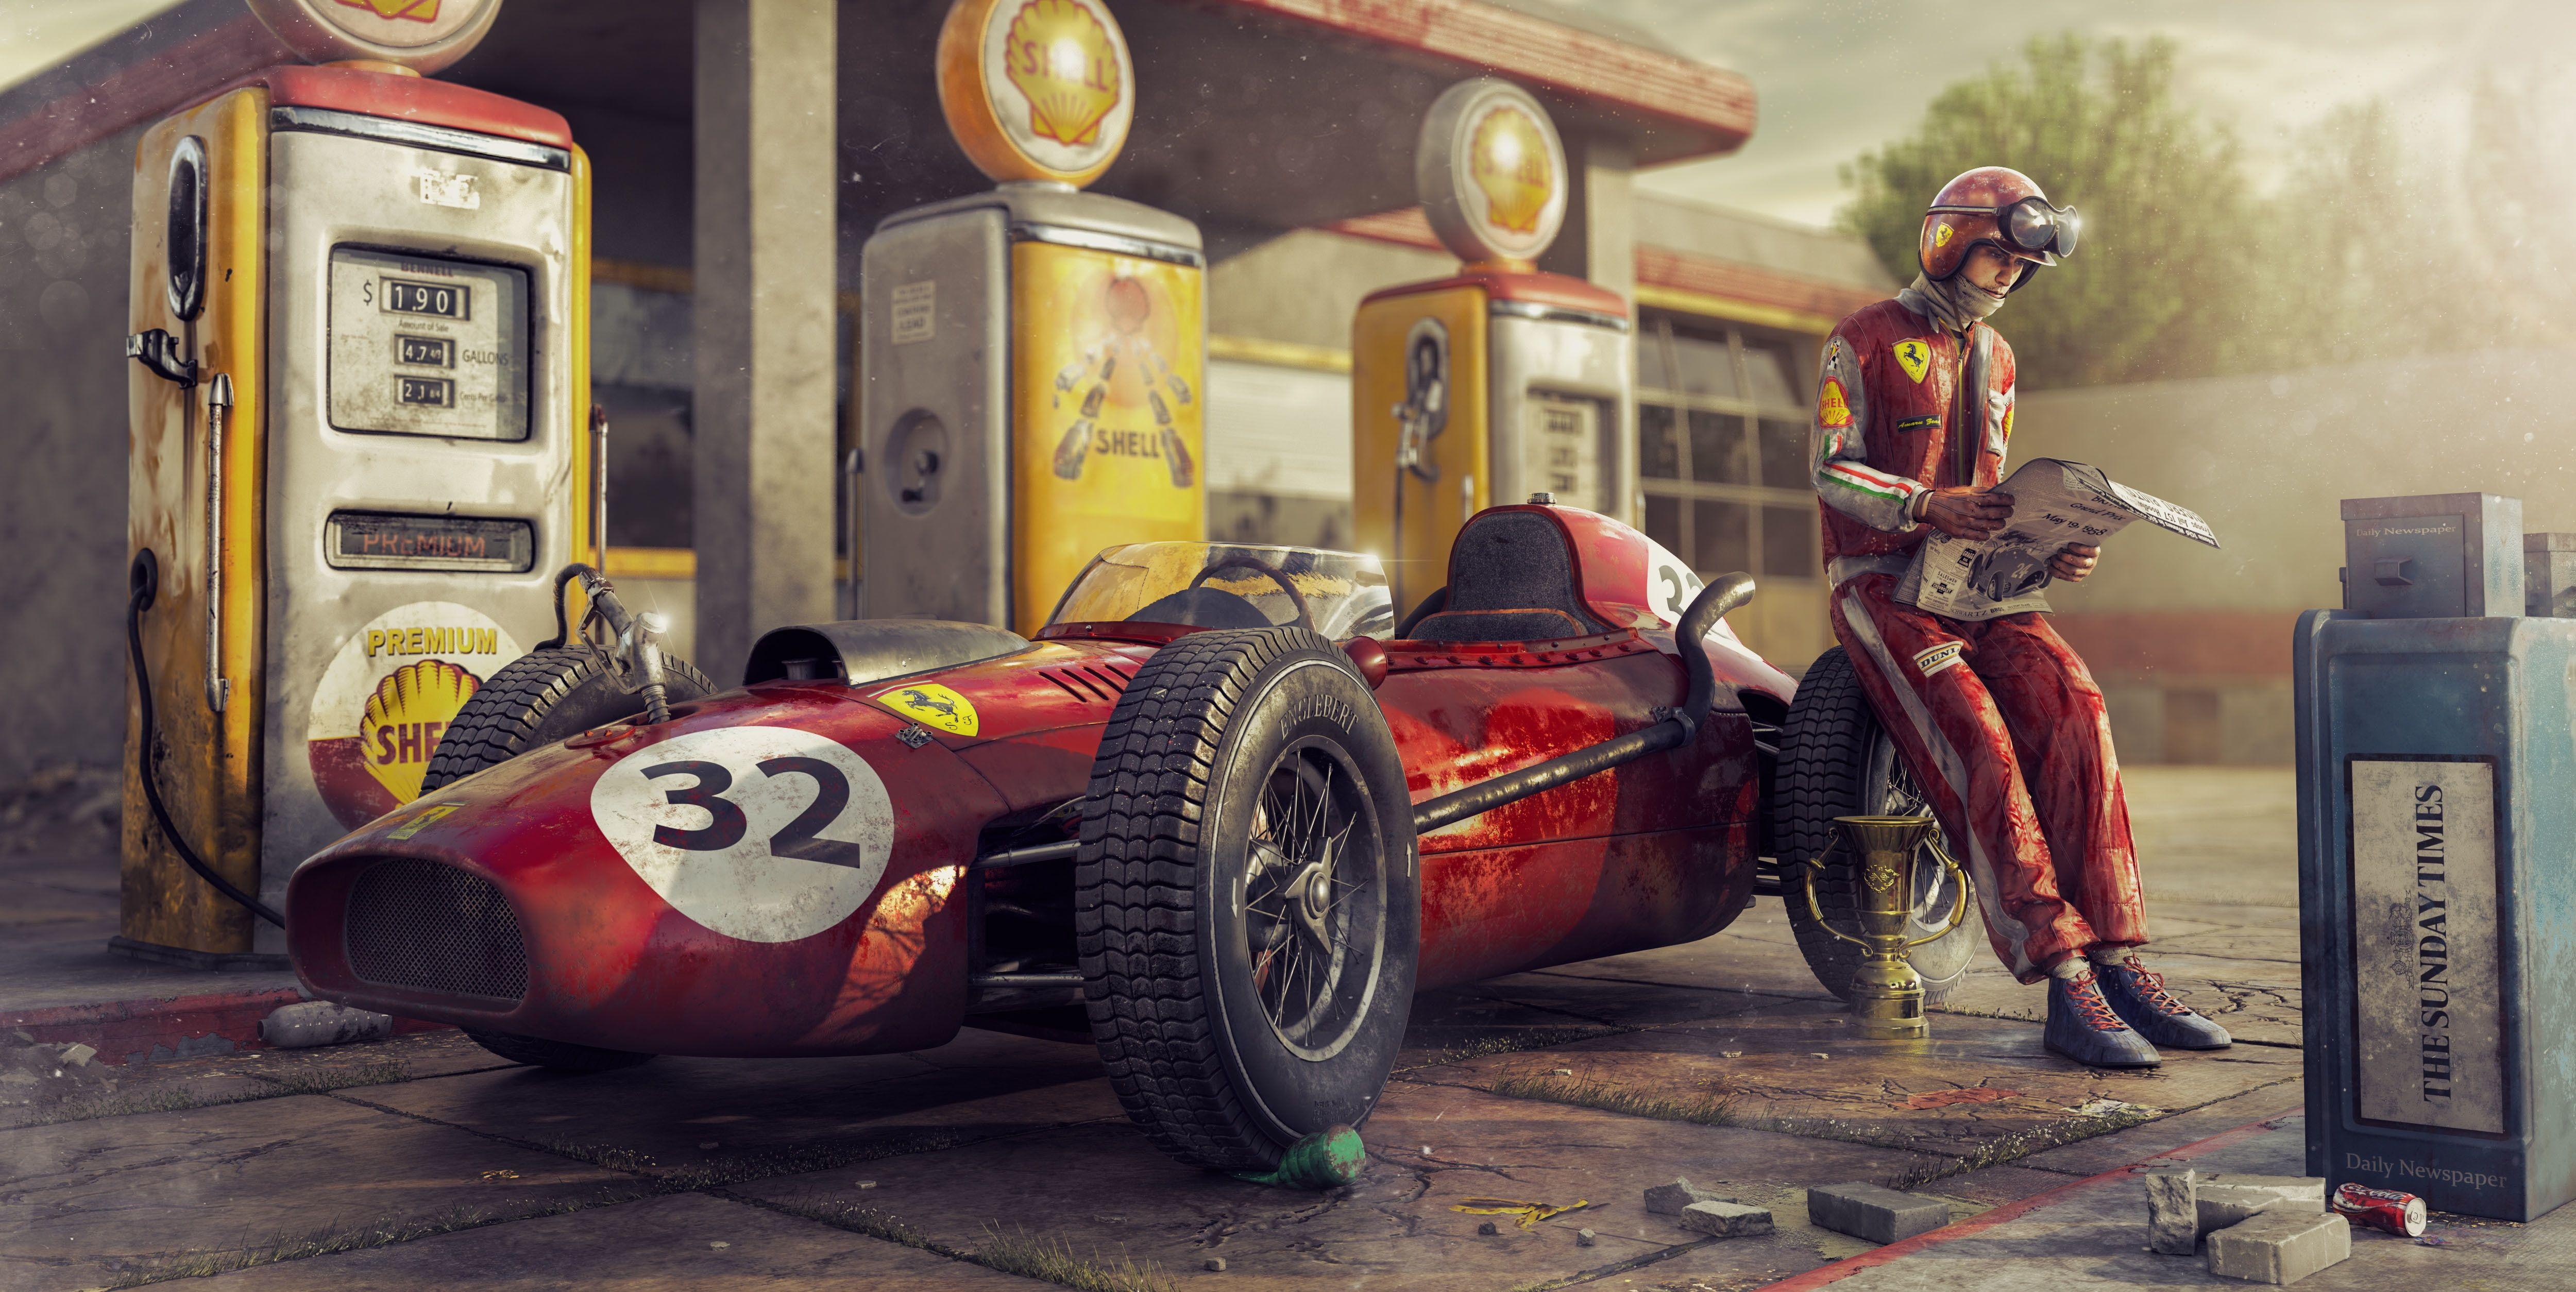 Artwork Car Numbers Vehicle Red Cars Race Cars Ferrari 4k Wallpaper Hdwallpaper Desktop In 2020 Car Wallpapers Racing Car